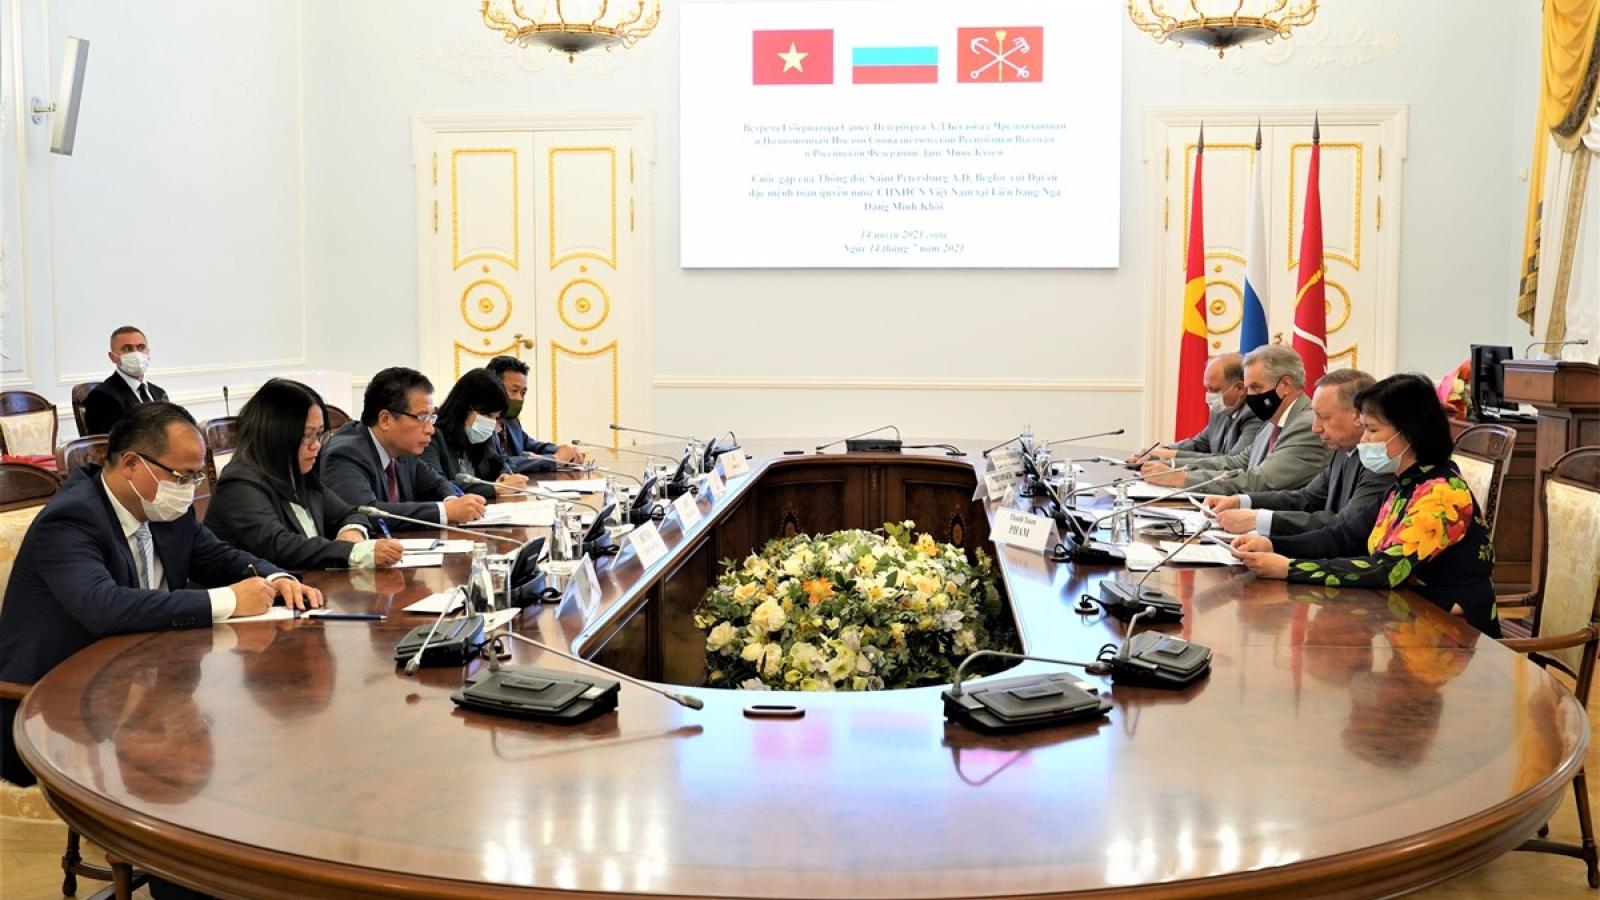 Thành phố Saint Petersburg (Nga) thúc đẩy hợp tác với Việt Nam trên tất cả lĩnh vực